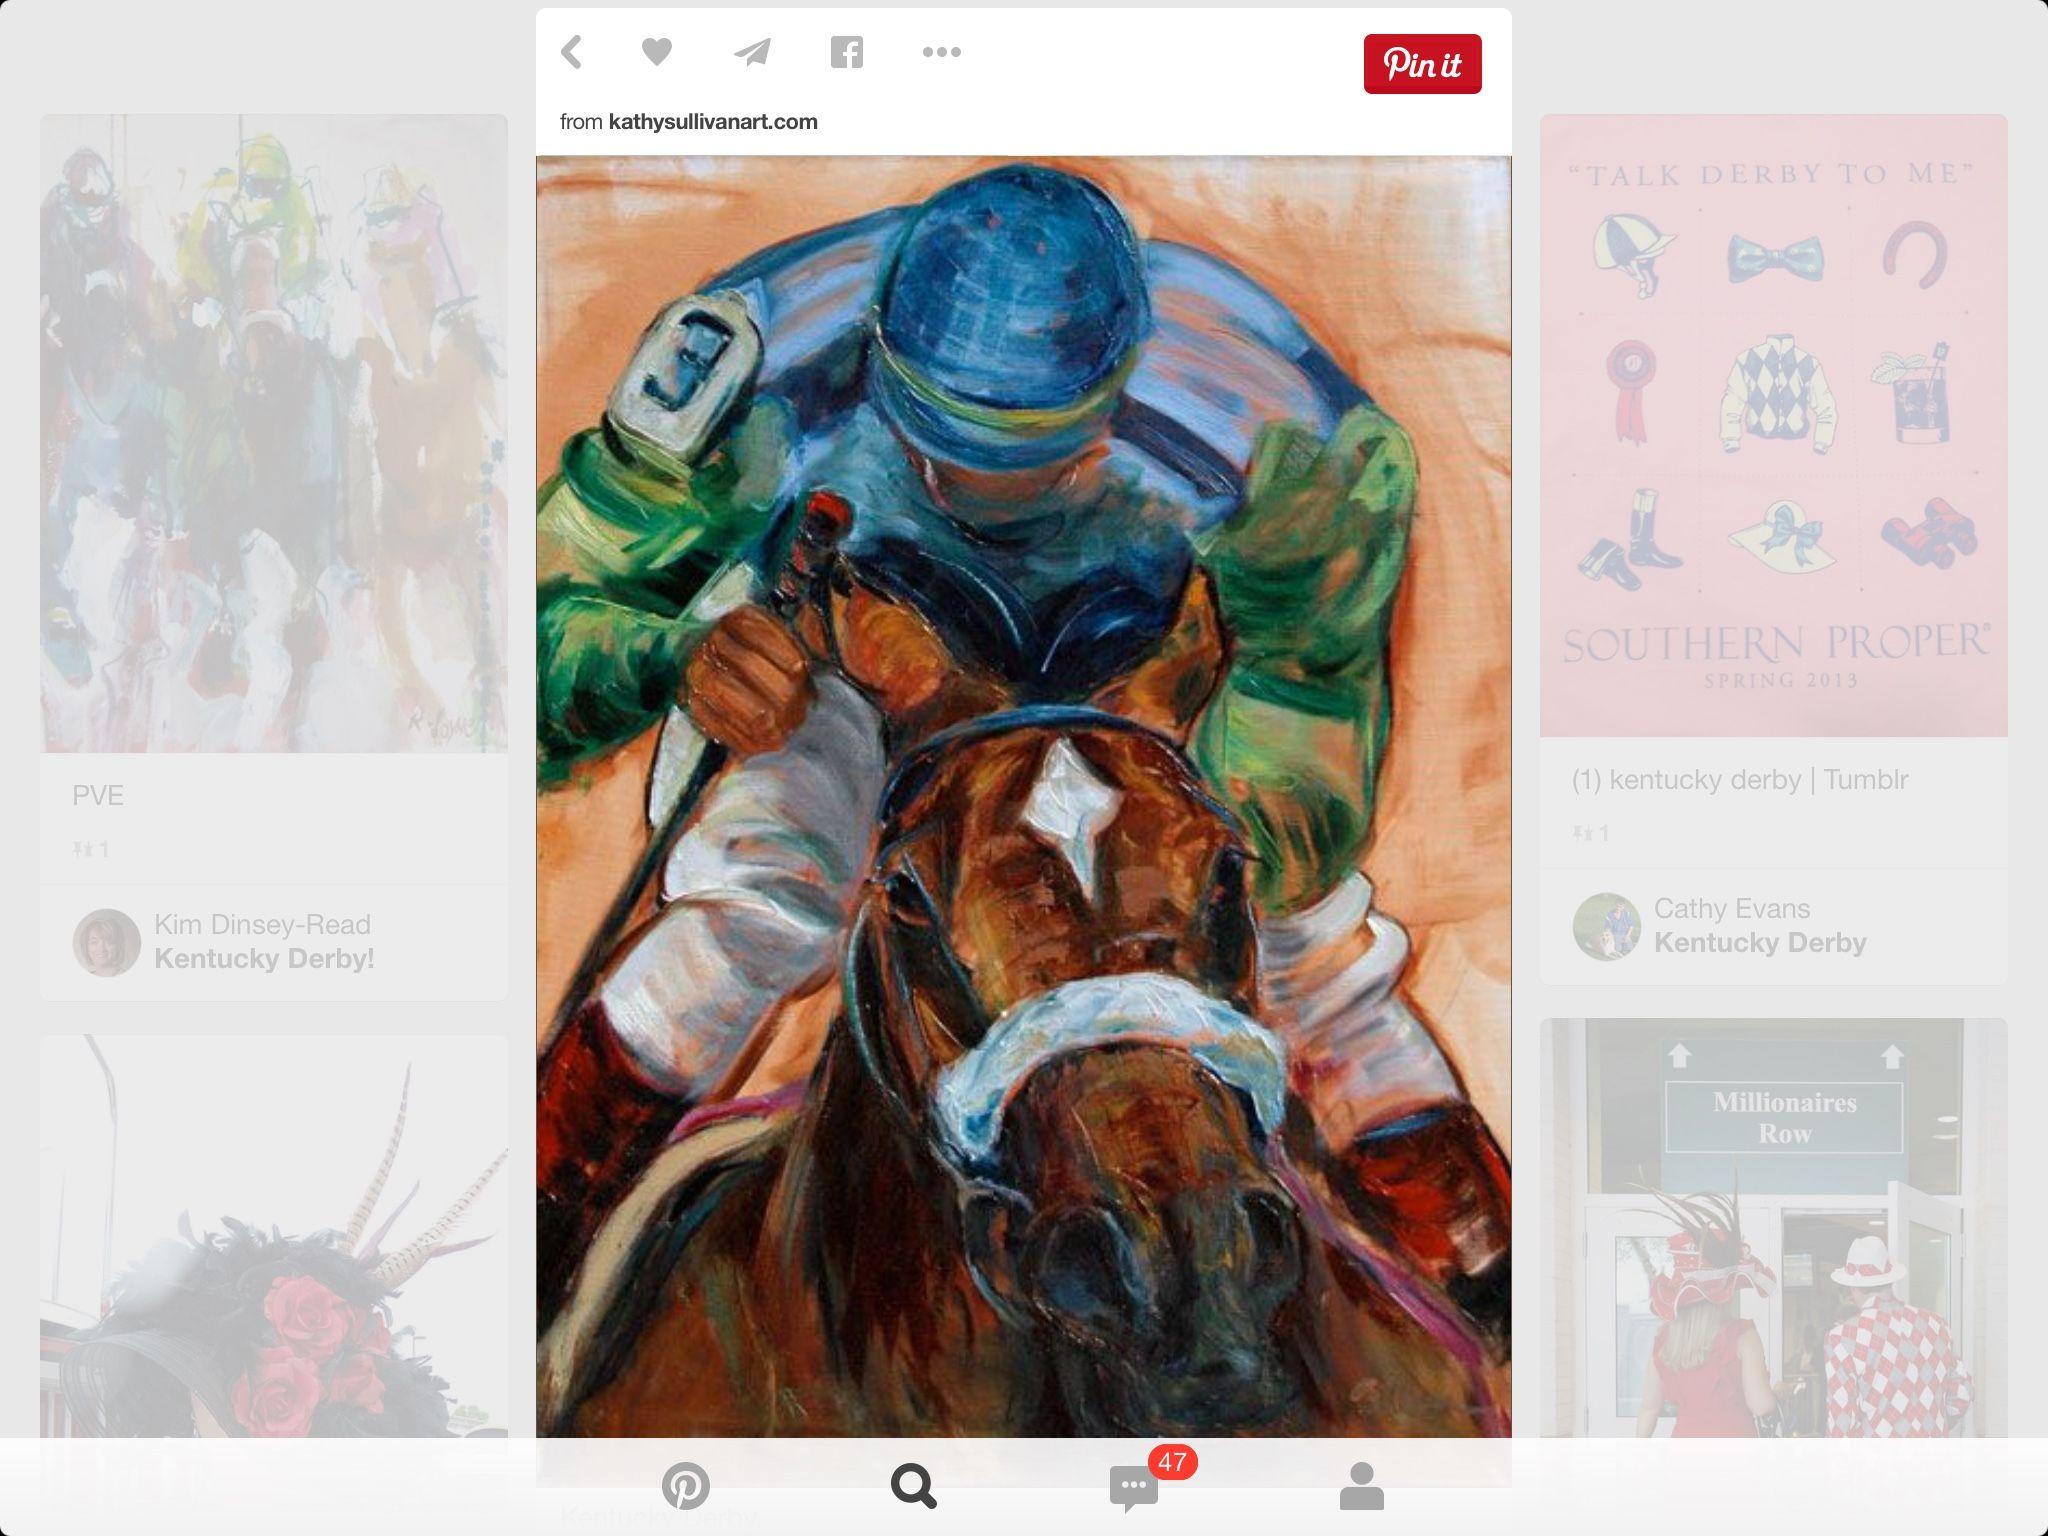 Pin by Pam Ludke on Derby art Kentucky derby, Derby